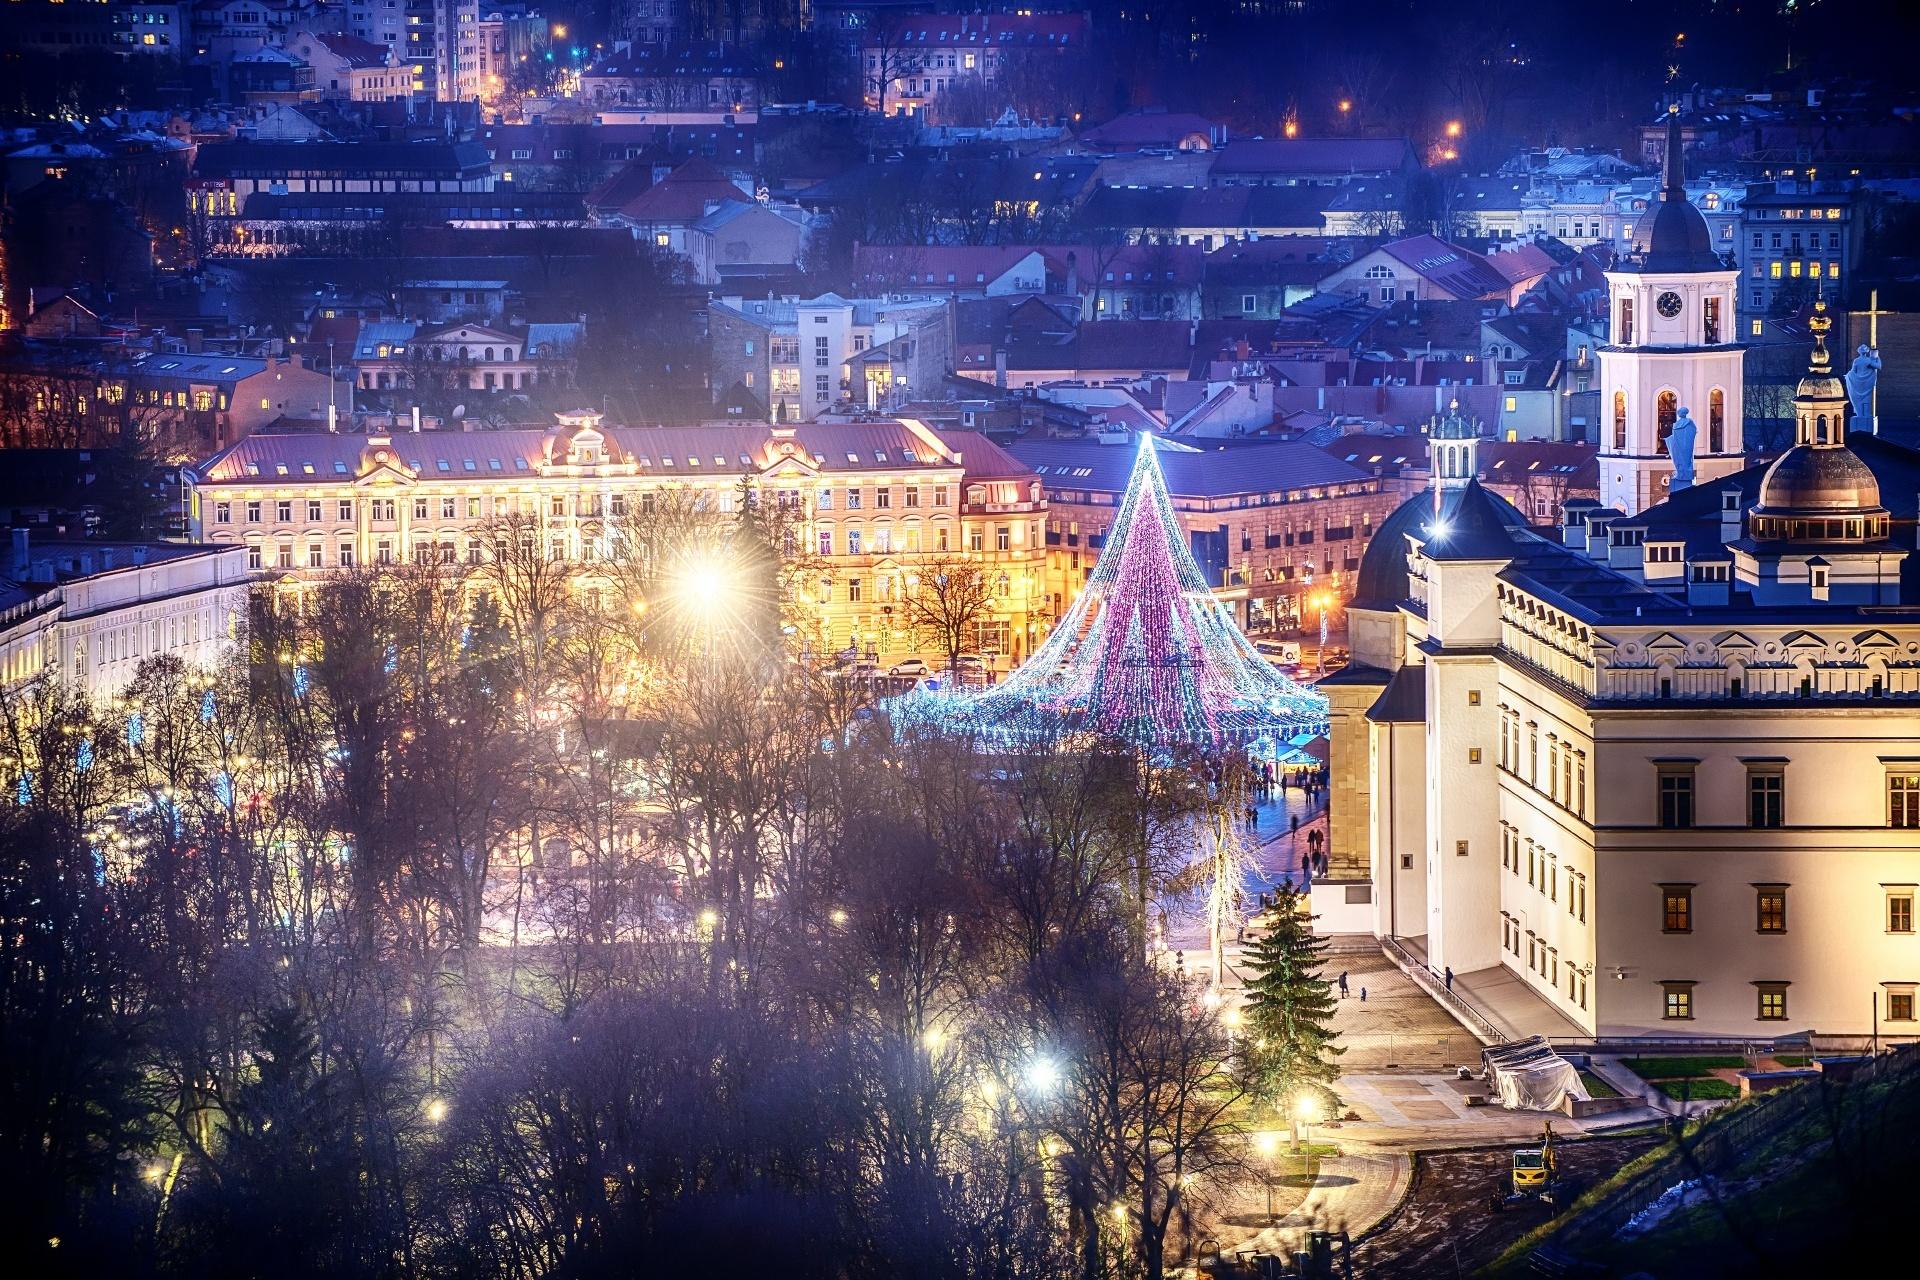 クリスマスのイルミネーションに彩られるビリニュスの風景